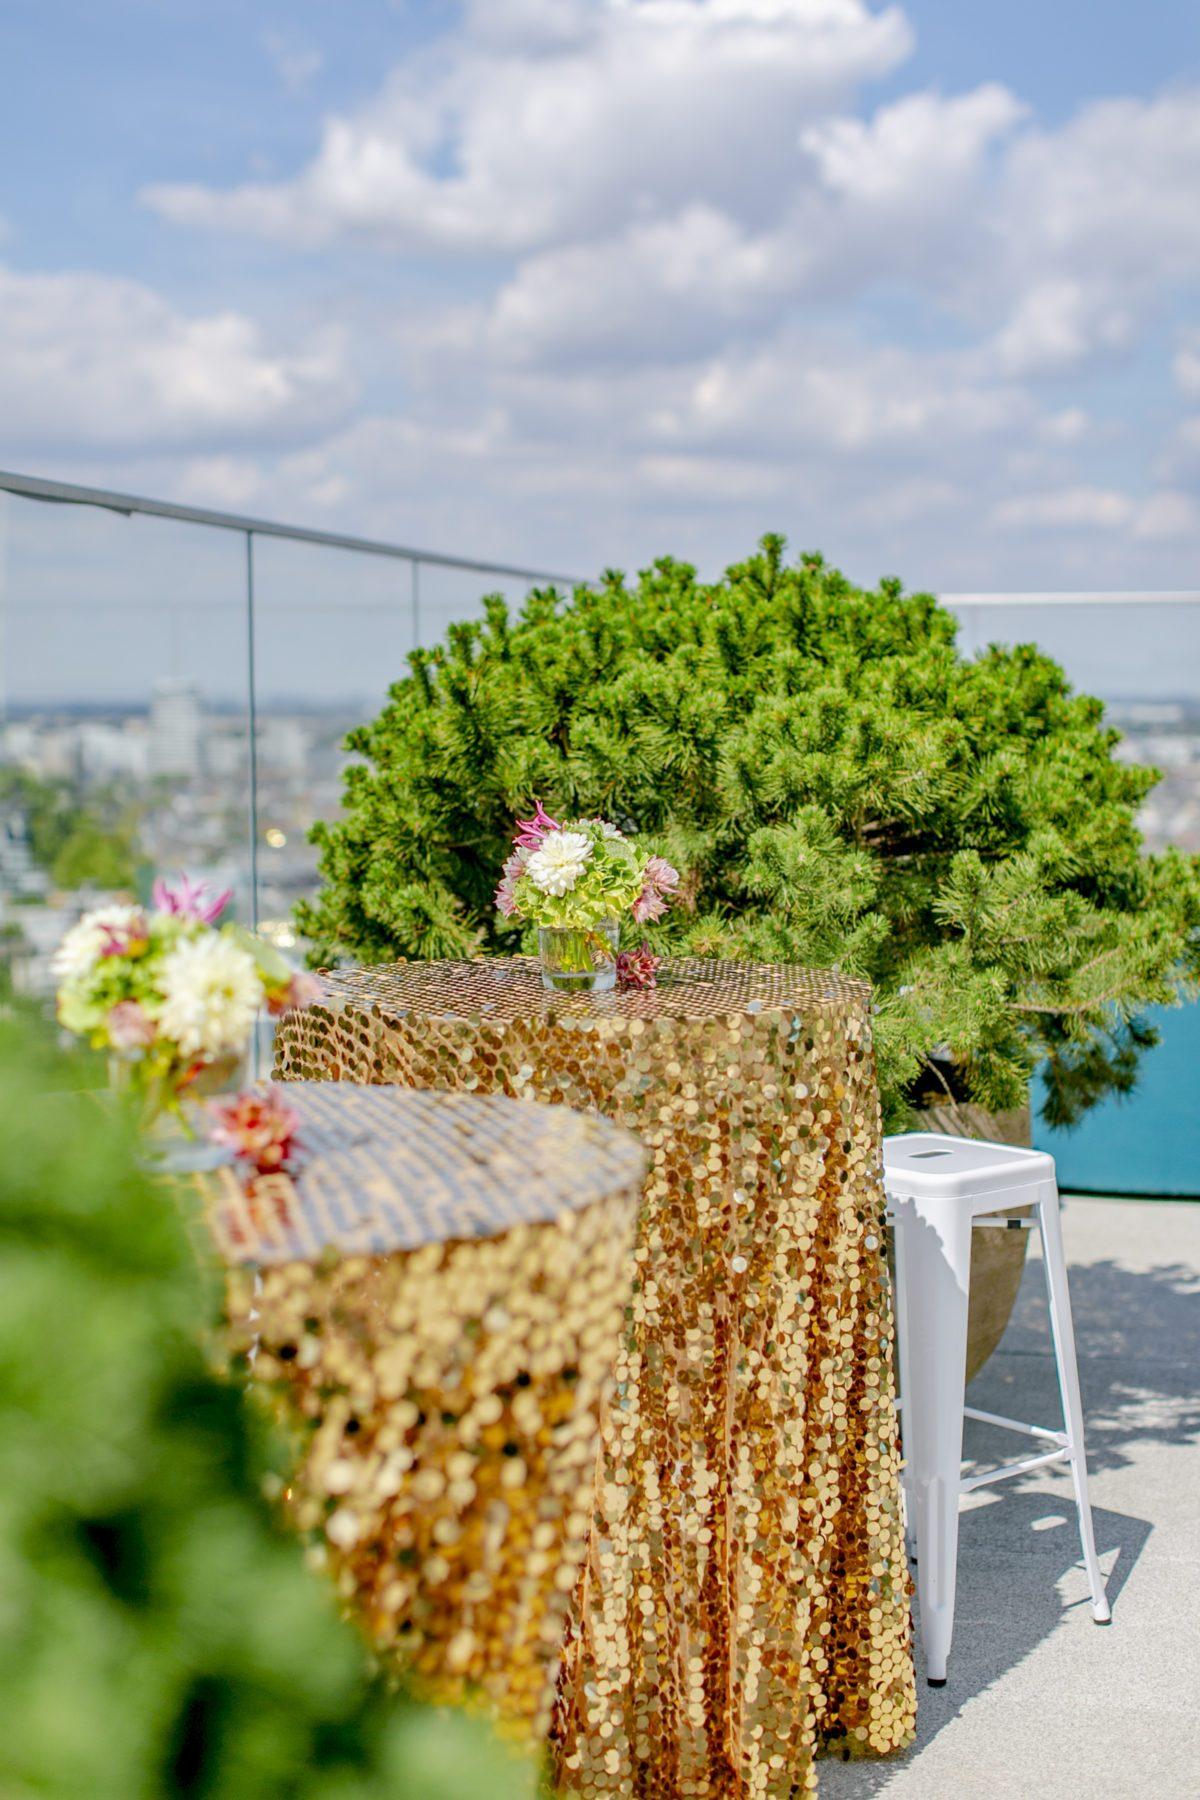 Paillettentischdecken auf Stehtischen beim Empfang auf der Dachterrasse